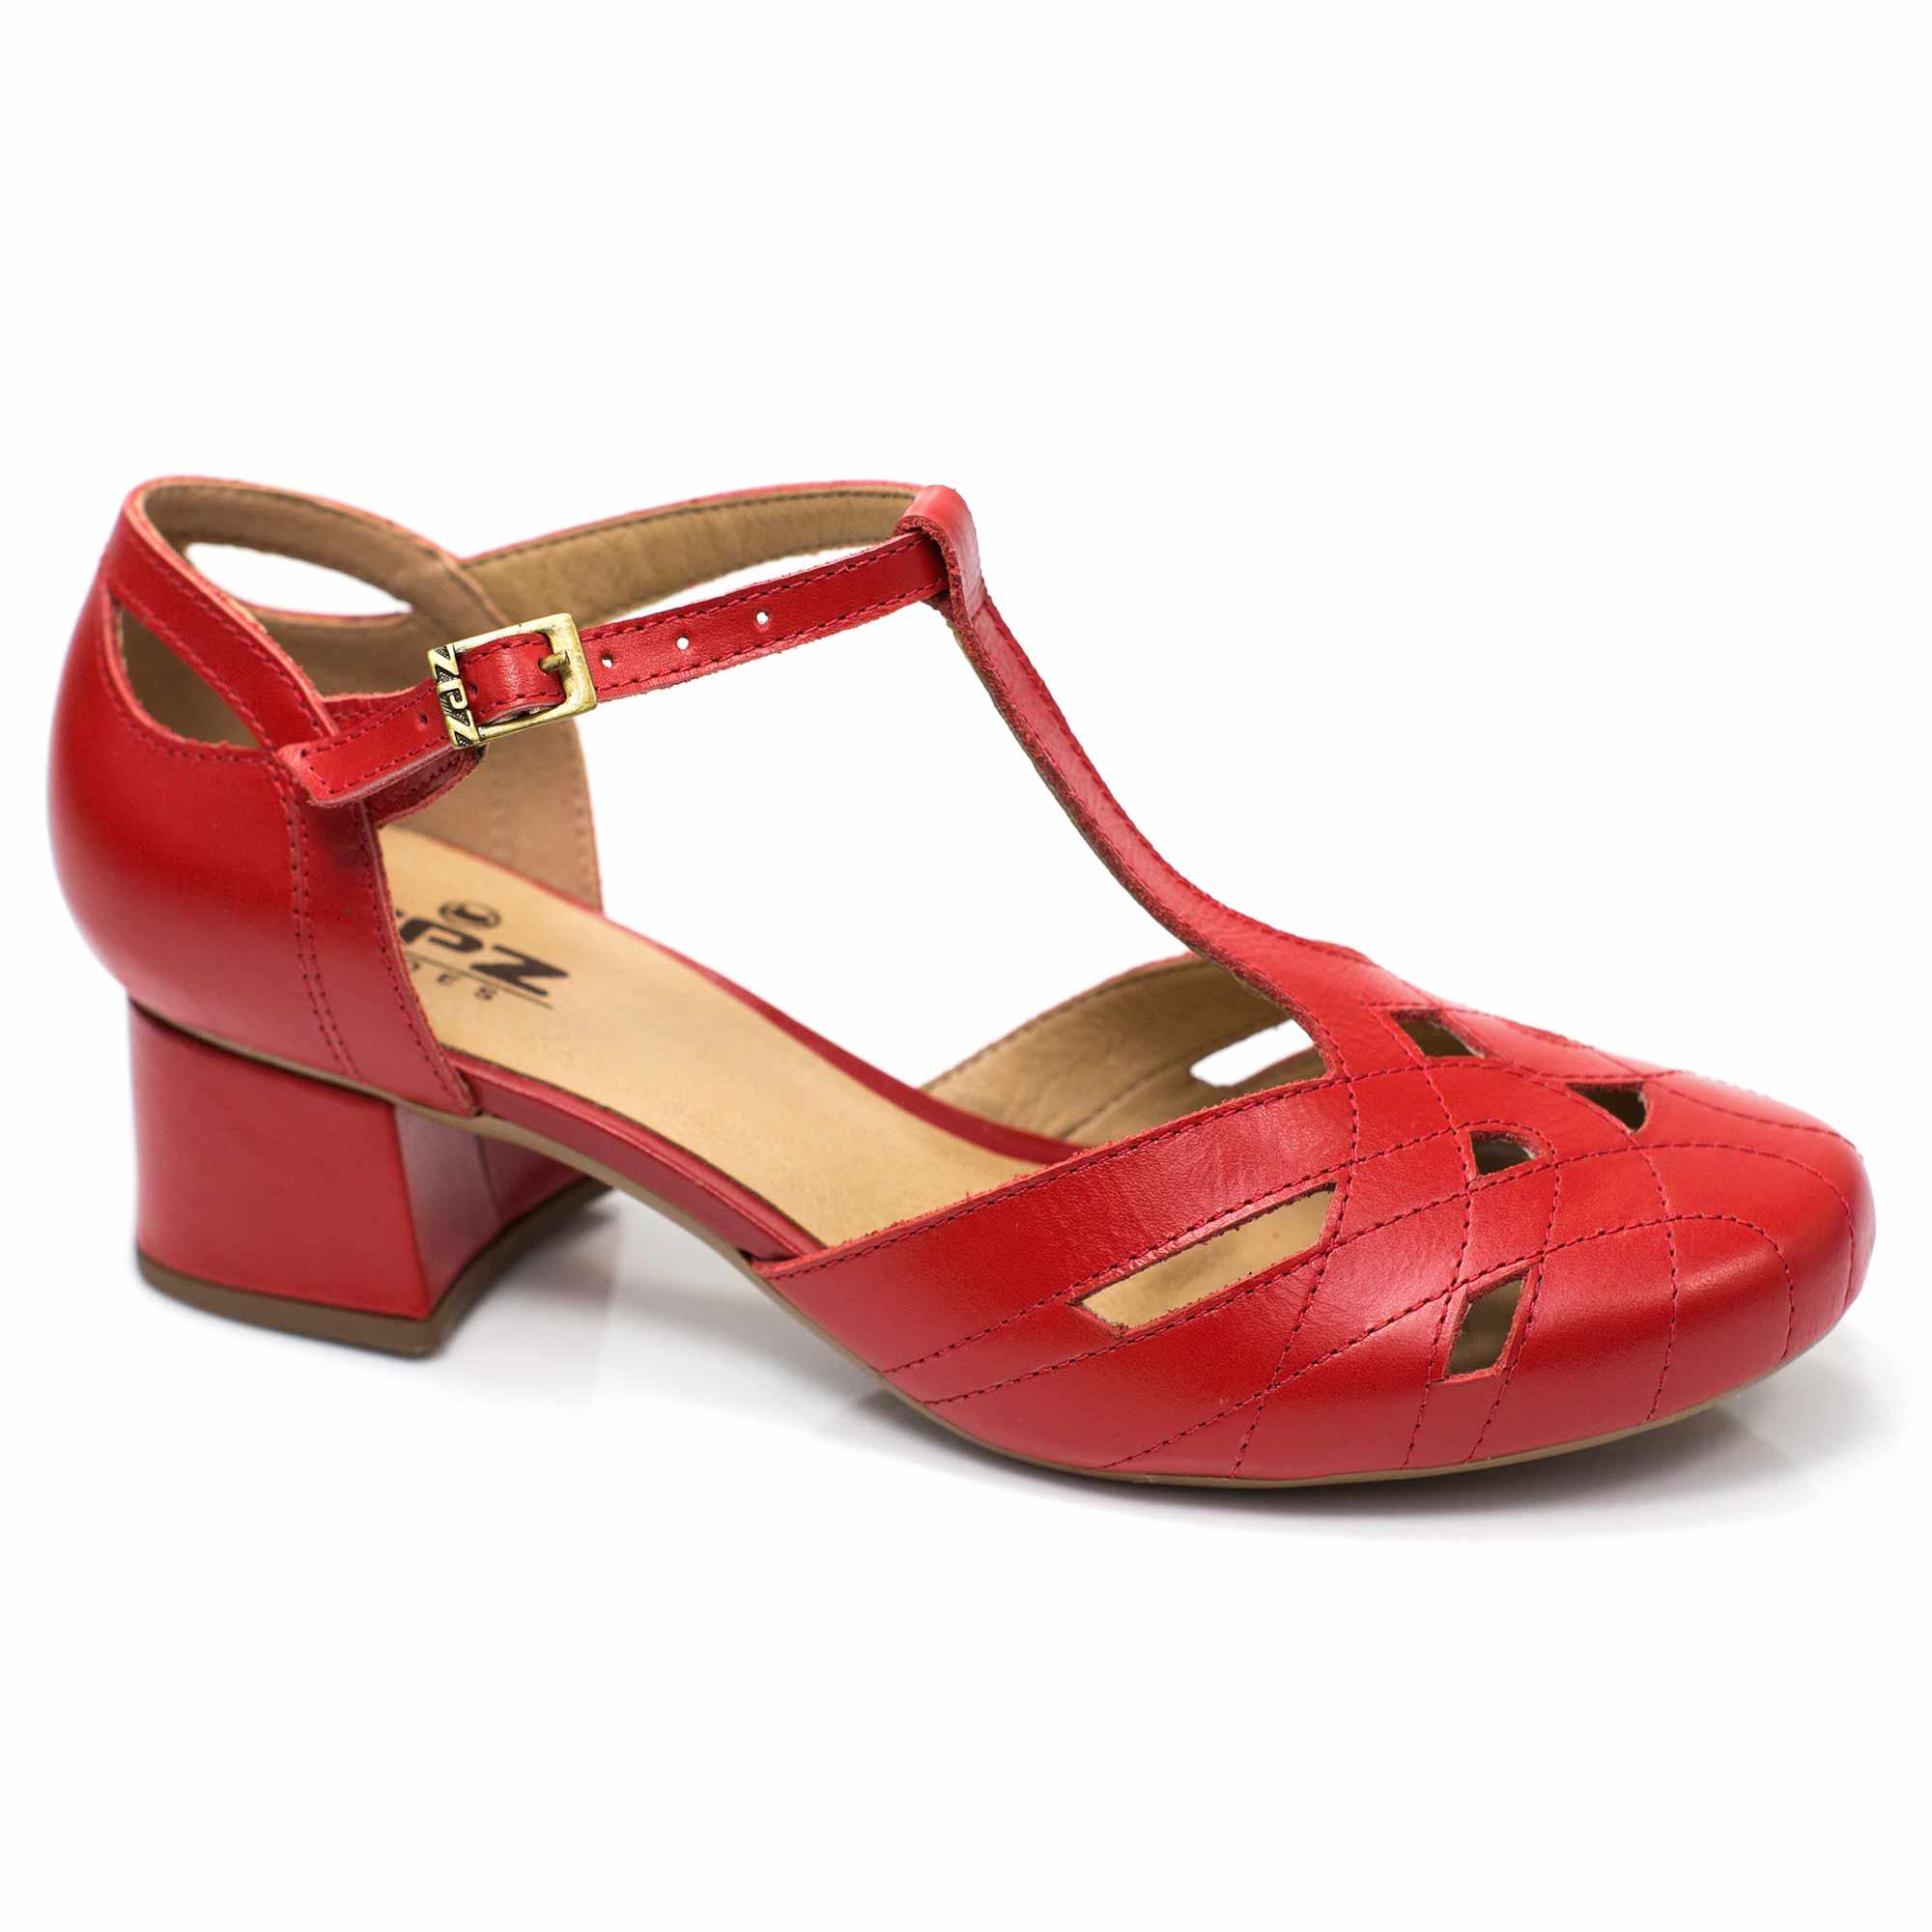 Sapato Boneca Retrô em couro Anis